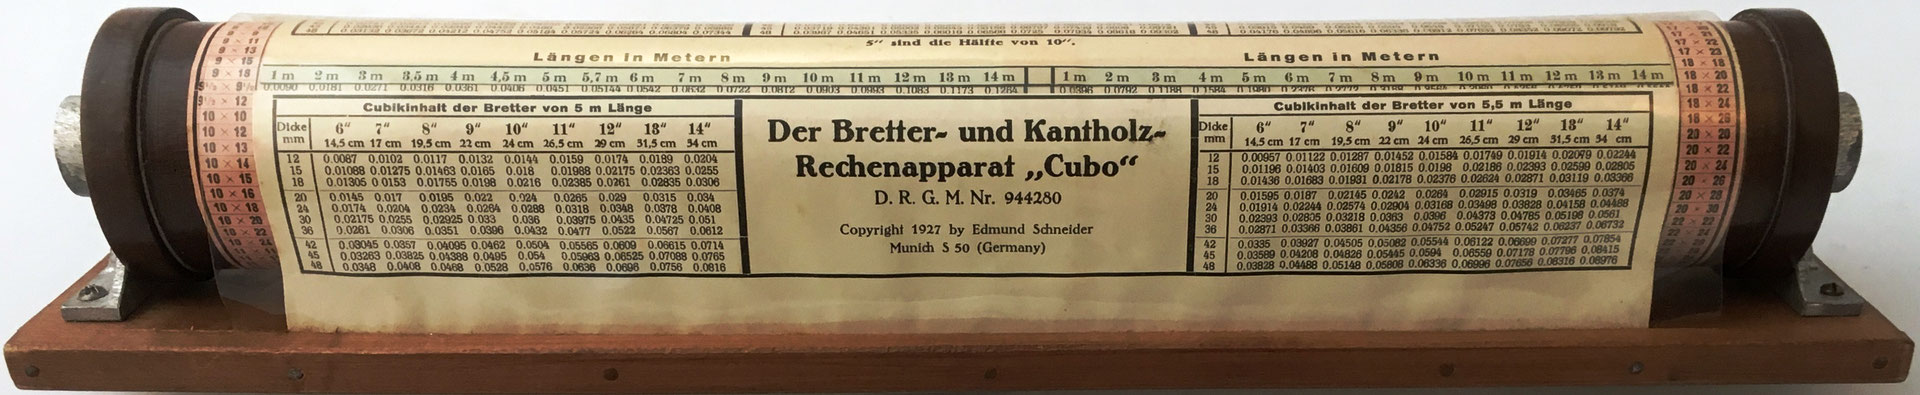 Multilplicador CUBO (Der Bretter und Kantholz Rechenapparat), Edmund Schneider, Munich, año 1927, 38x7x6 cm